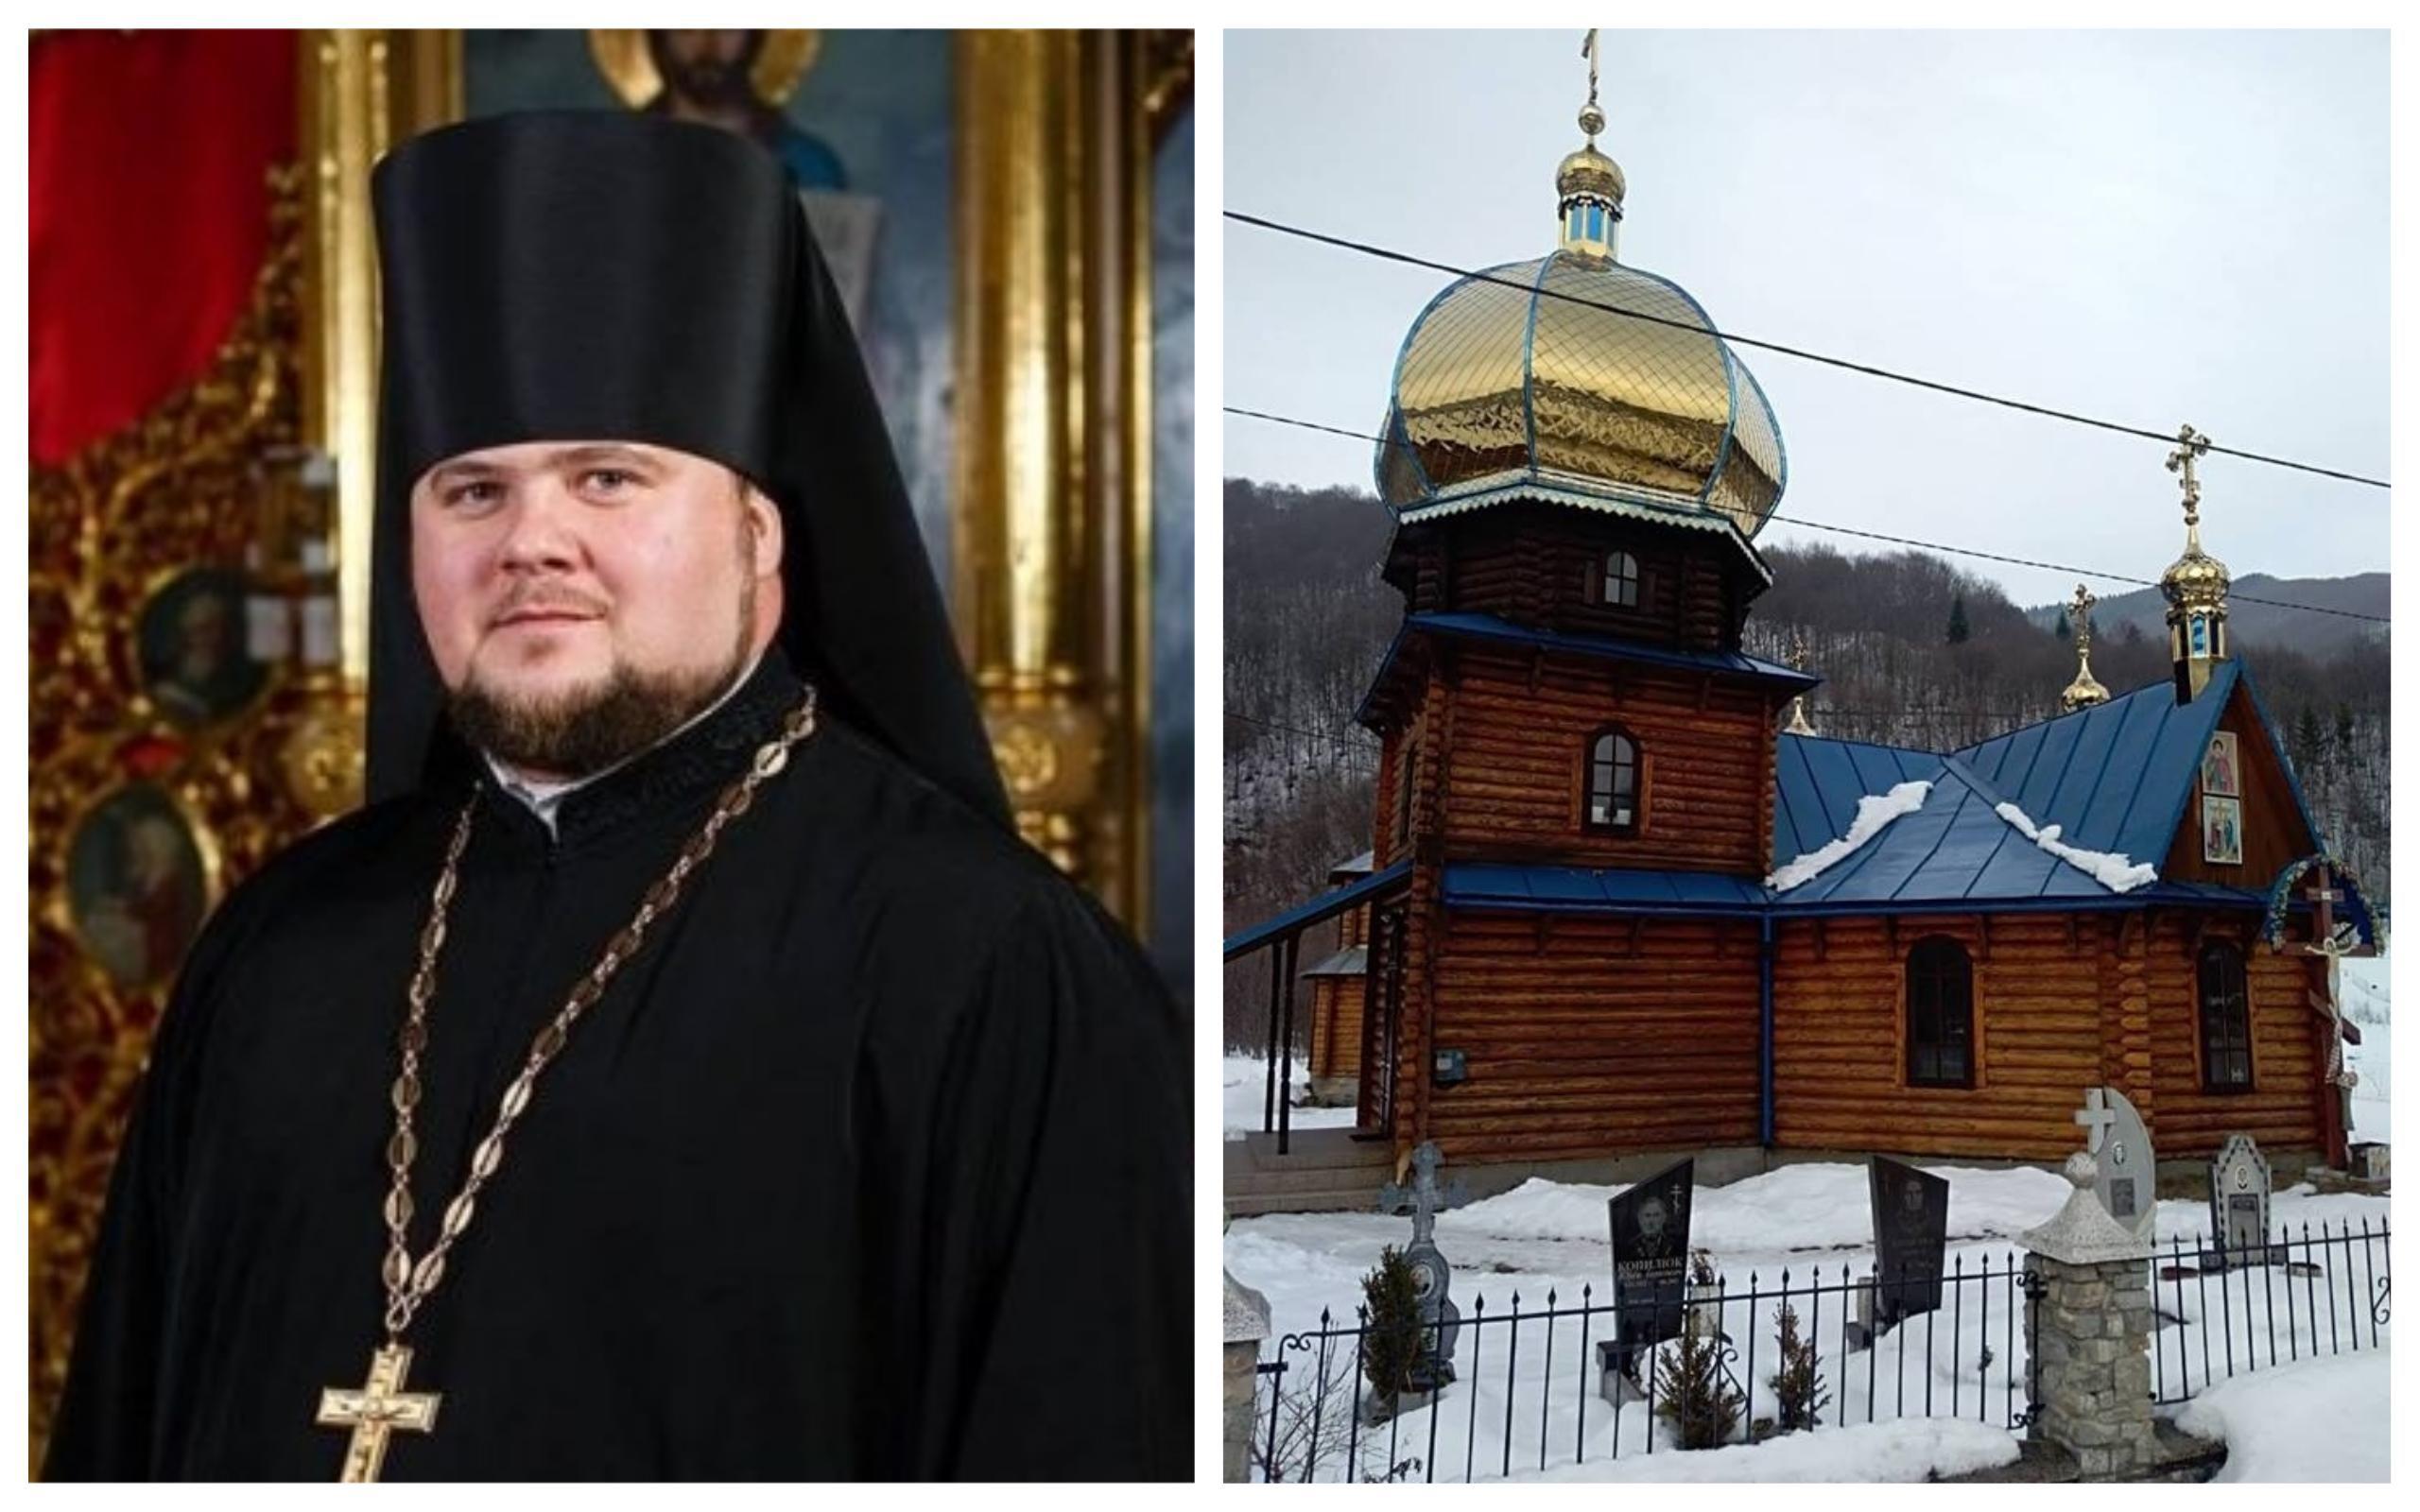 УПЦ МП спробує силою повернути собі церкву на Закарпатті, яка перейшла